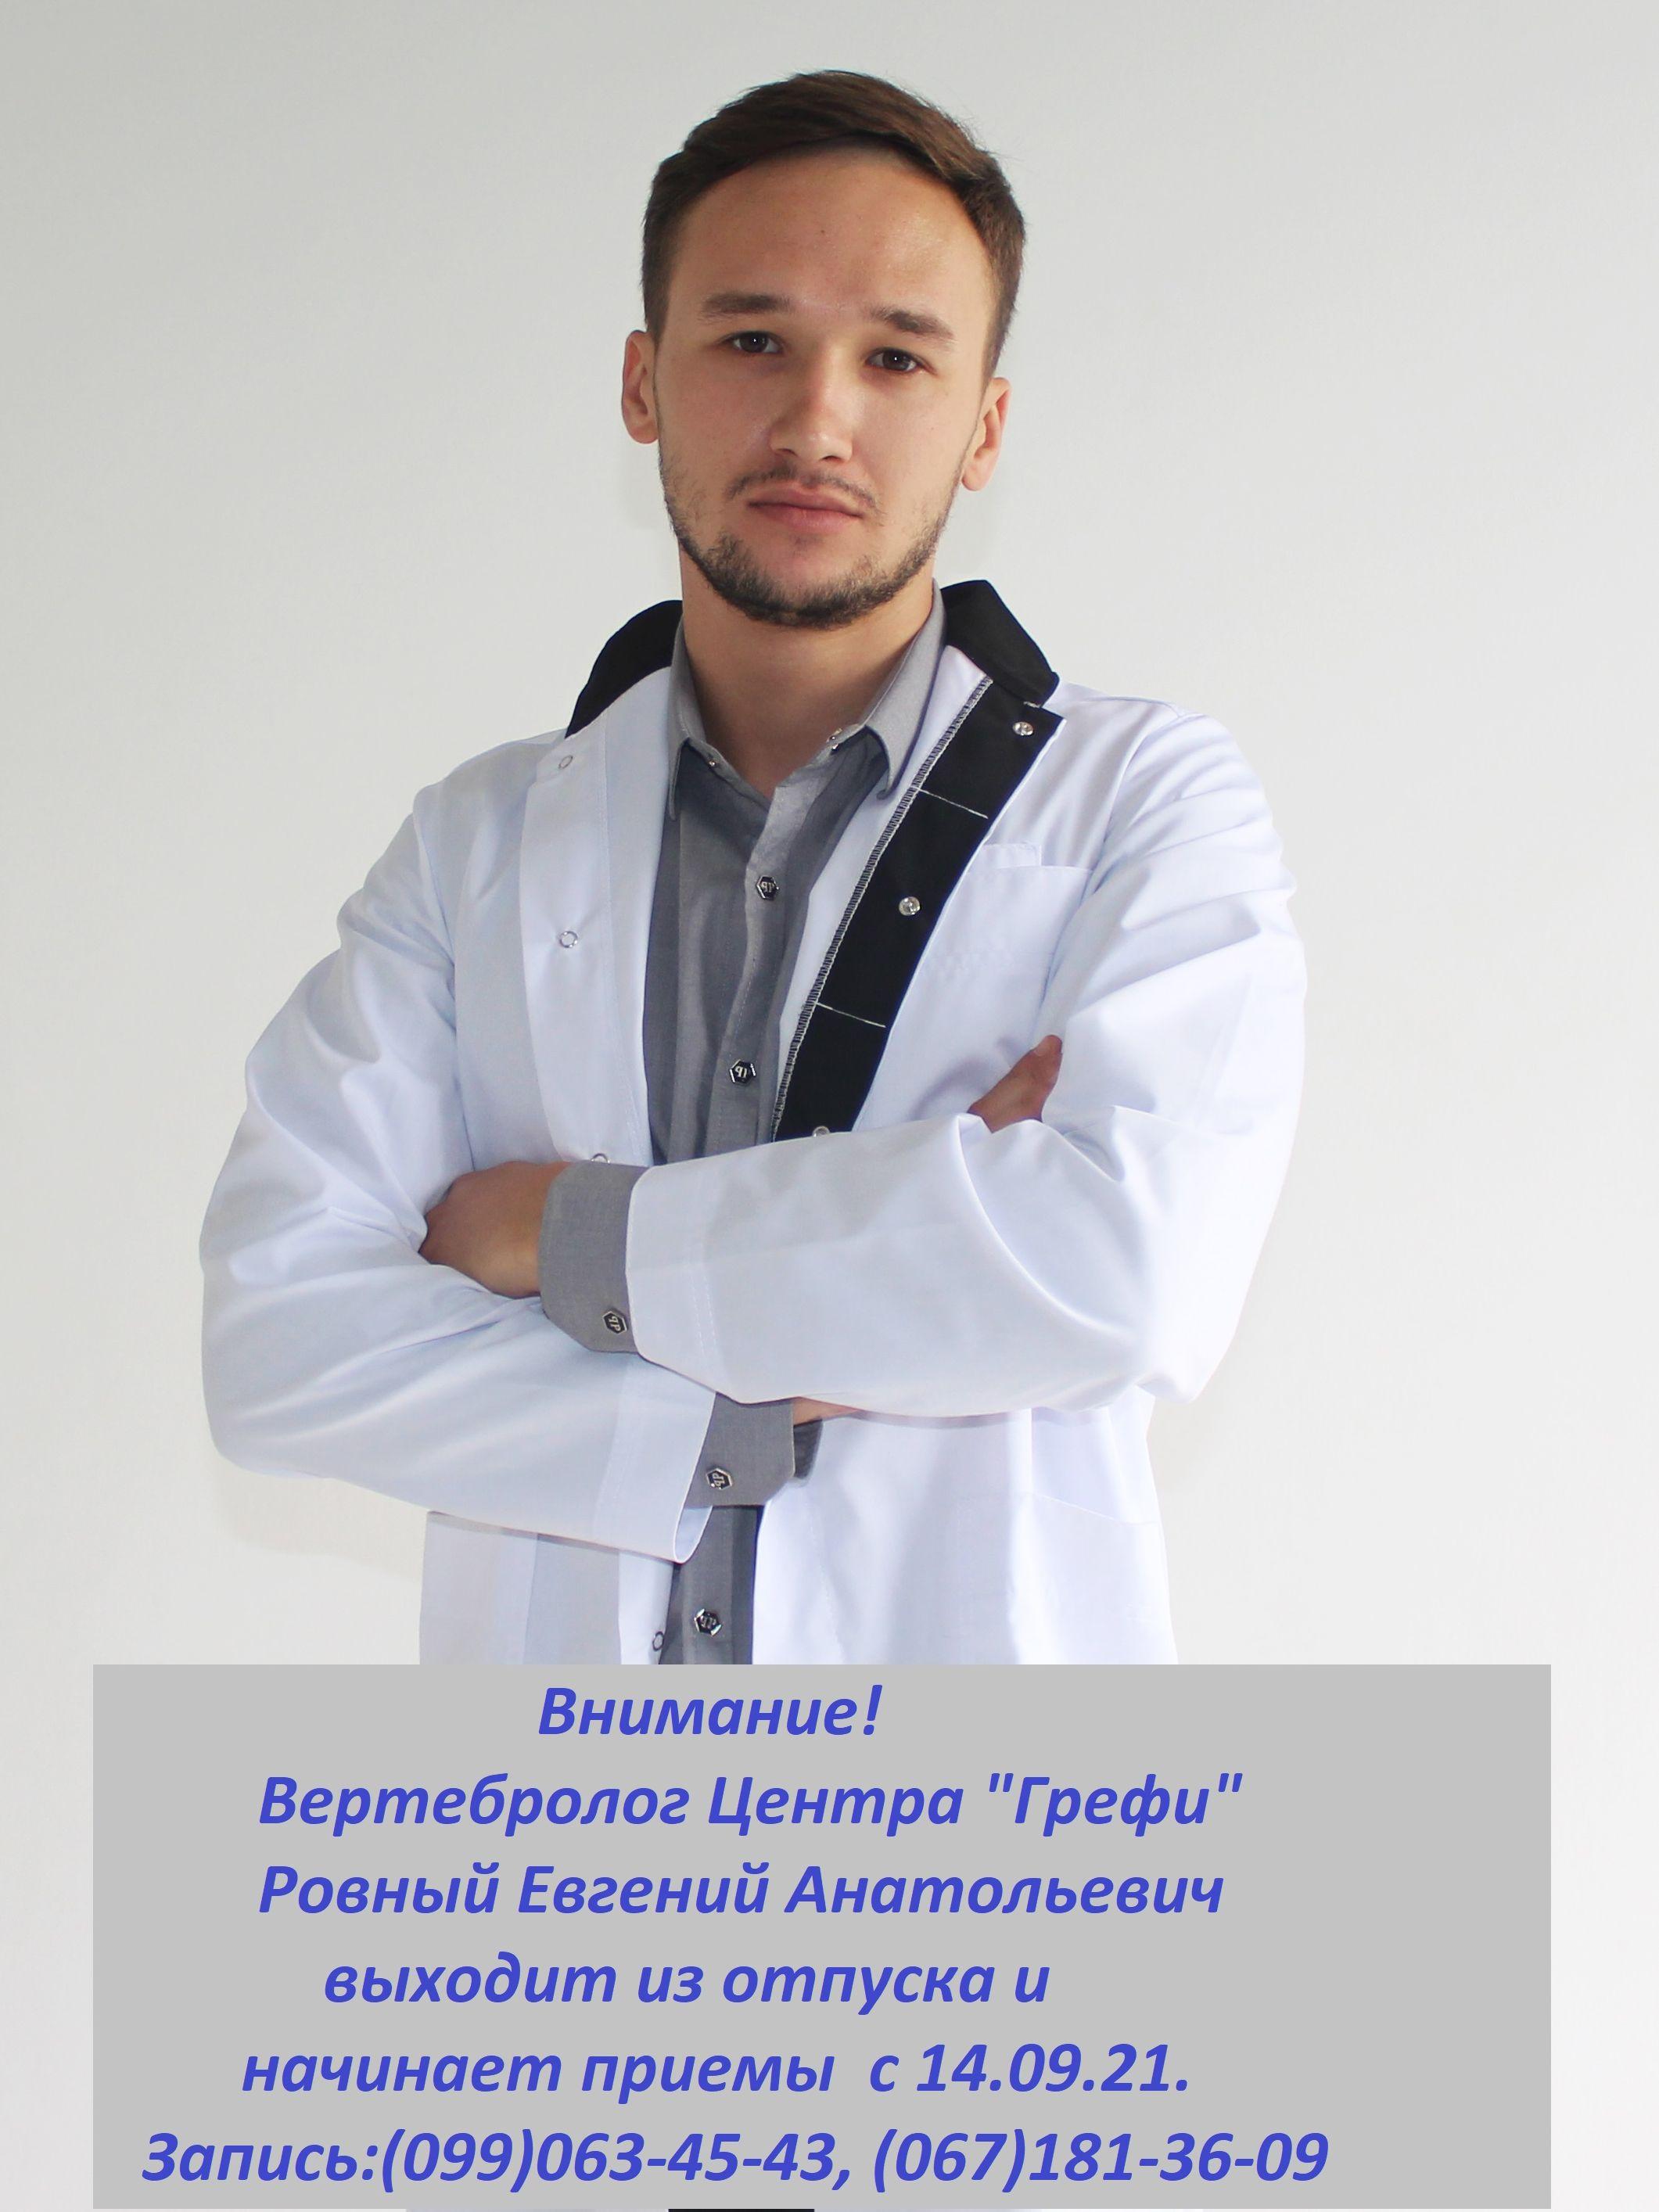 Вертебролог, кинезиолог Центра здоровья Грефи Ровный